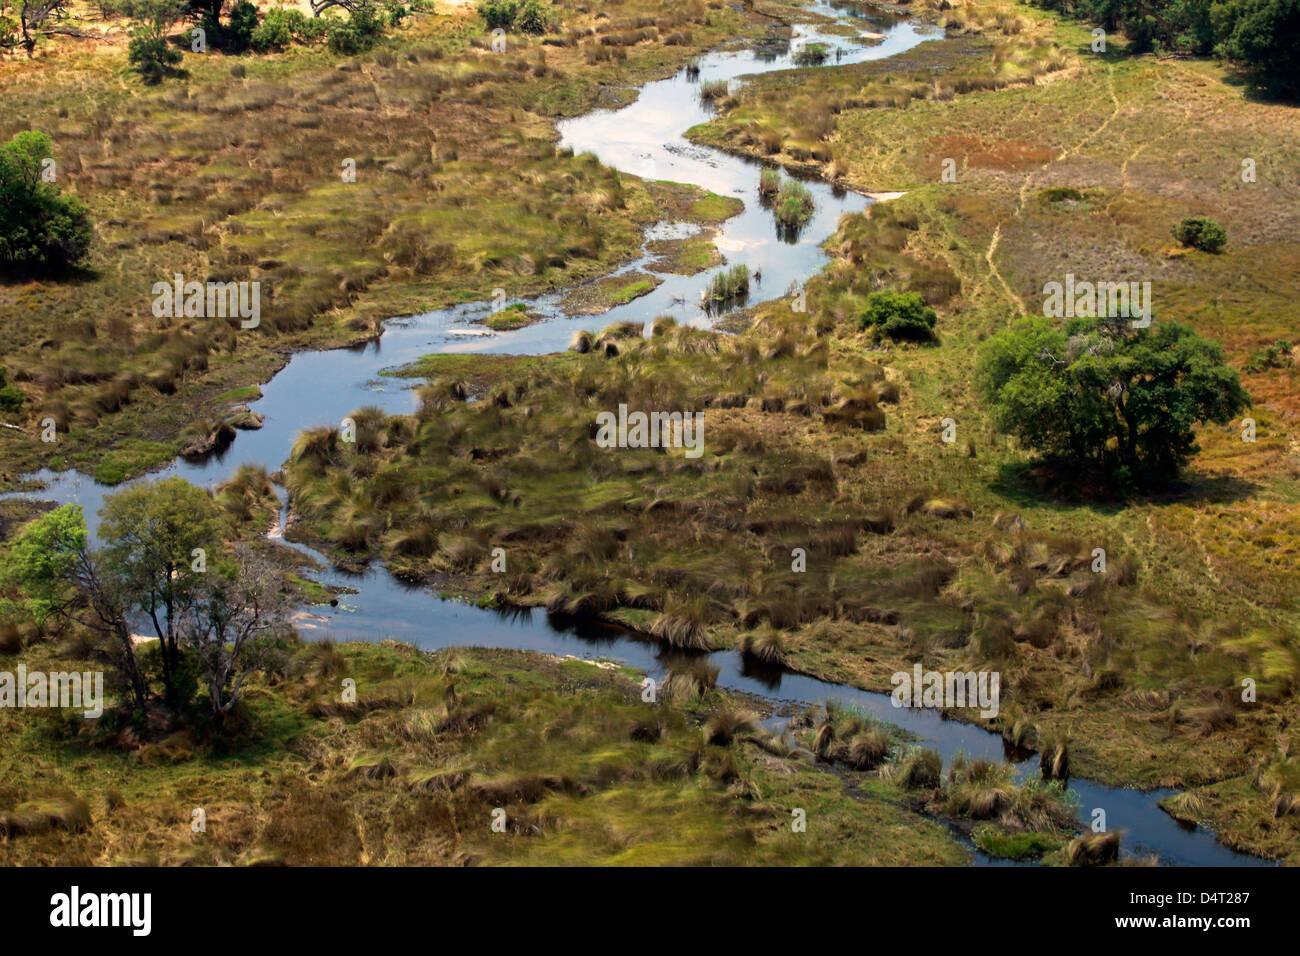 Botswana, Okavango Delta. Okavango tributary and landscape. - Stock Image